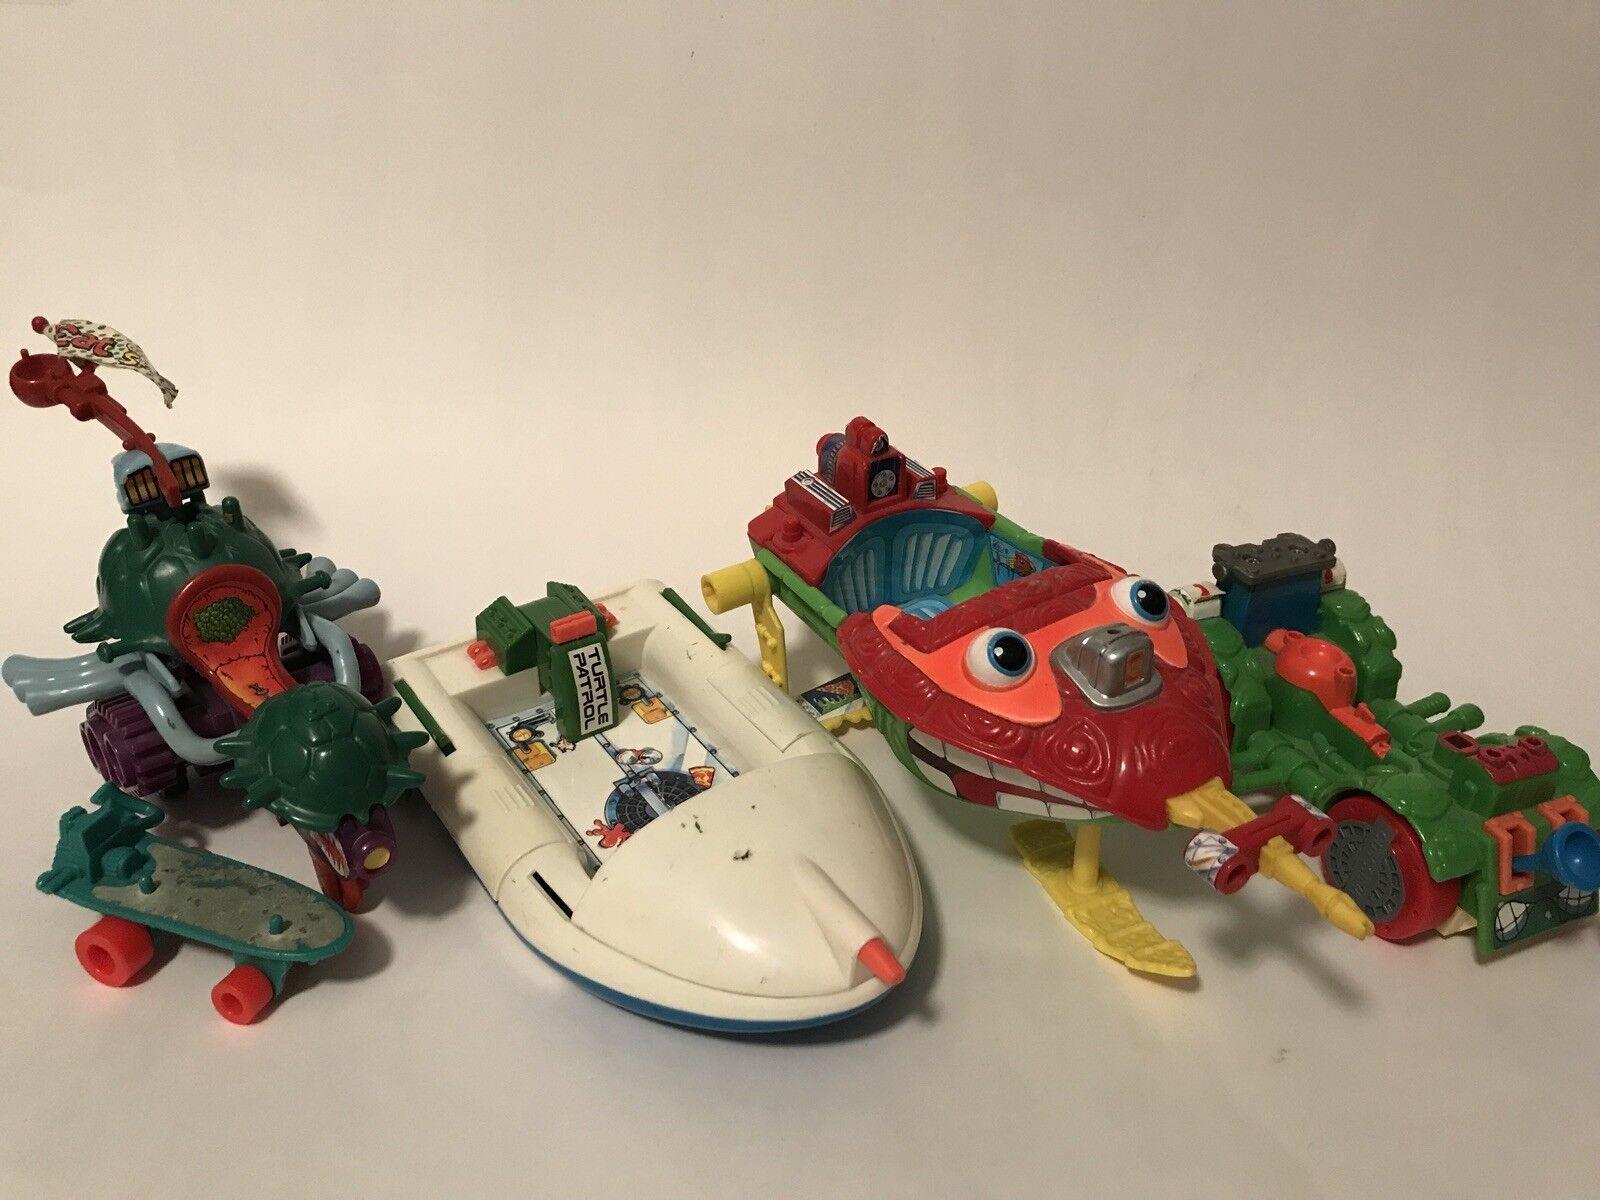 Teenage Mutant Ninja Turtles Playmates TMNT Vintage Lot Vehicles 1988 1991